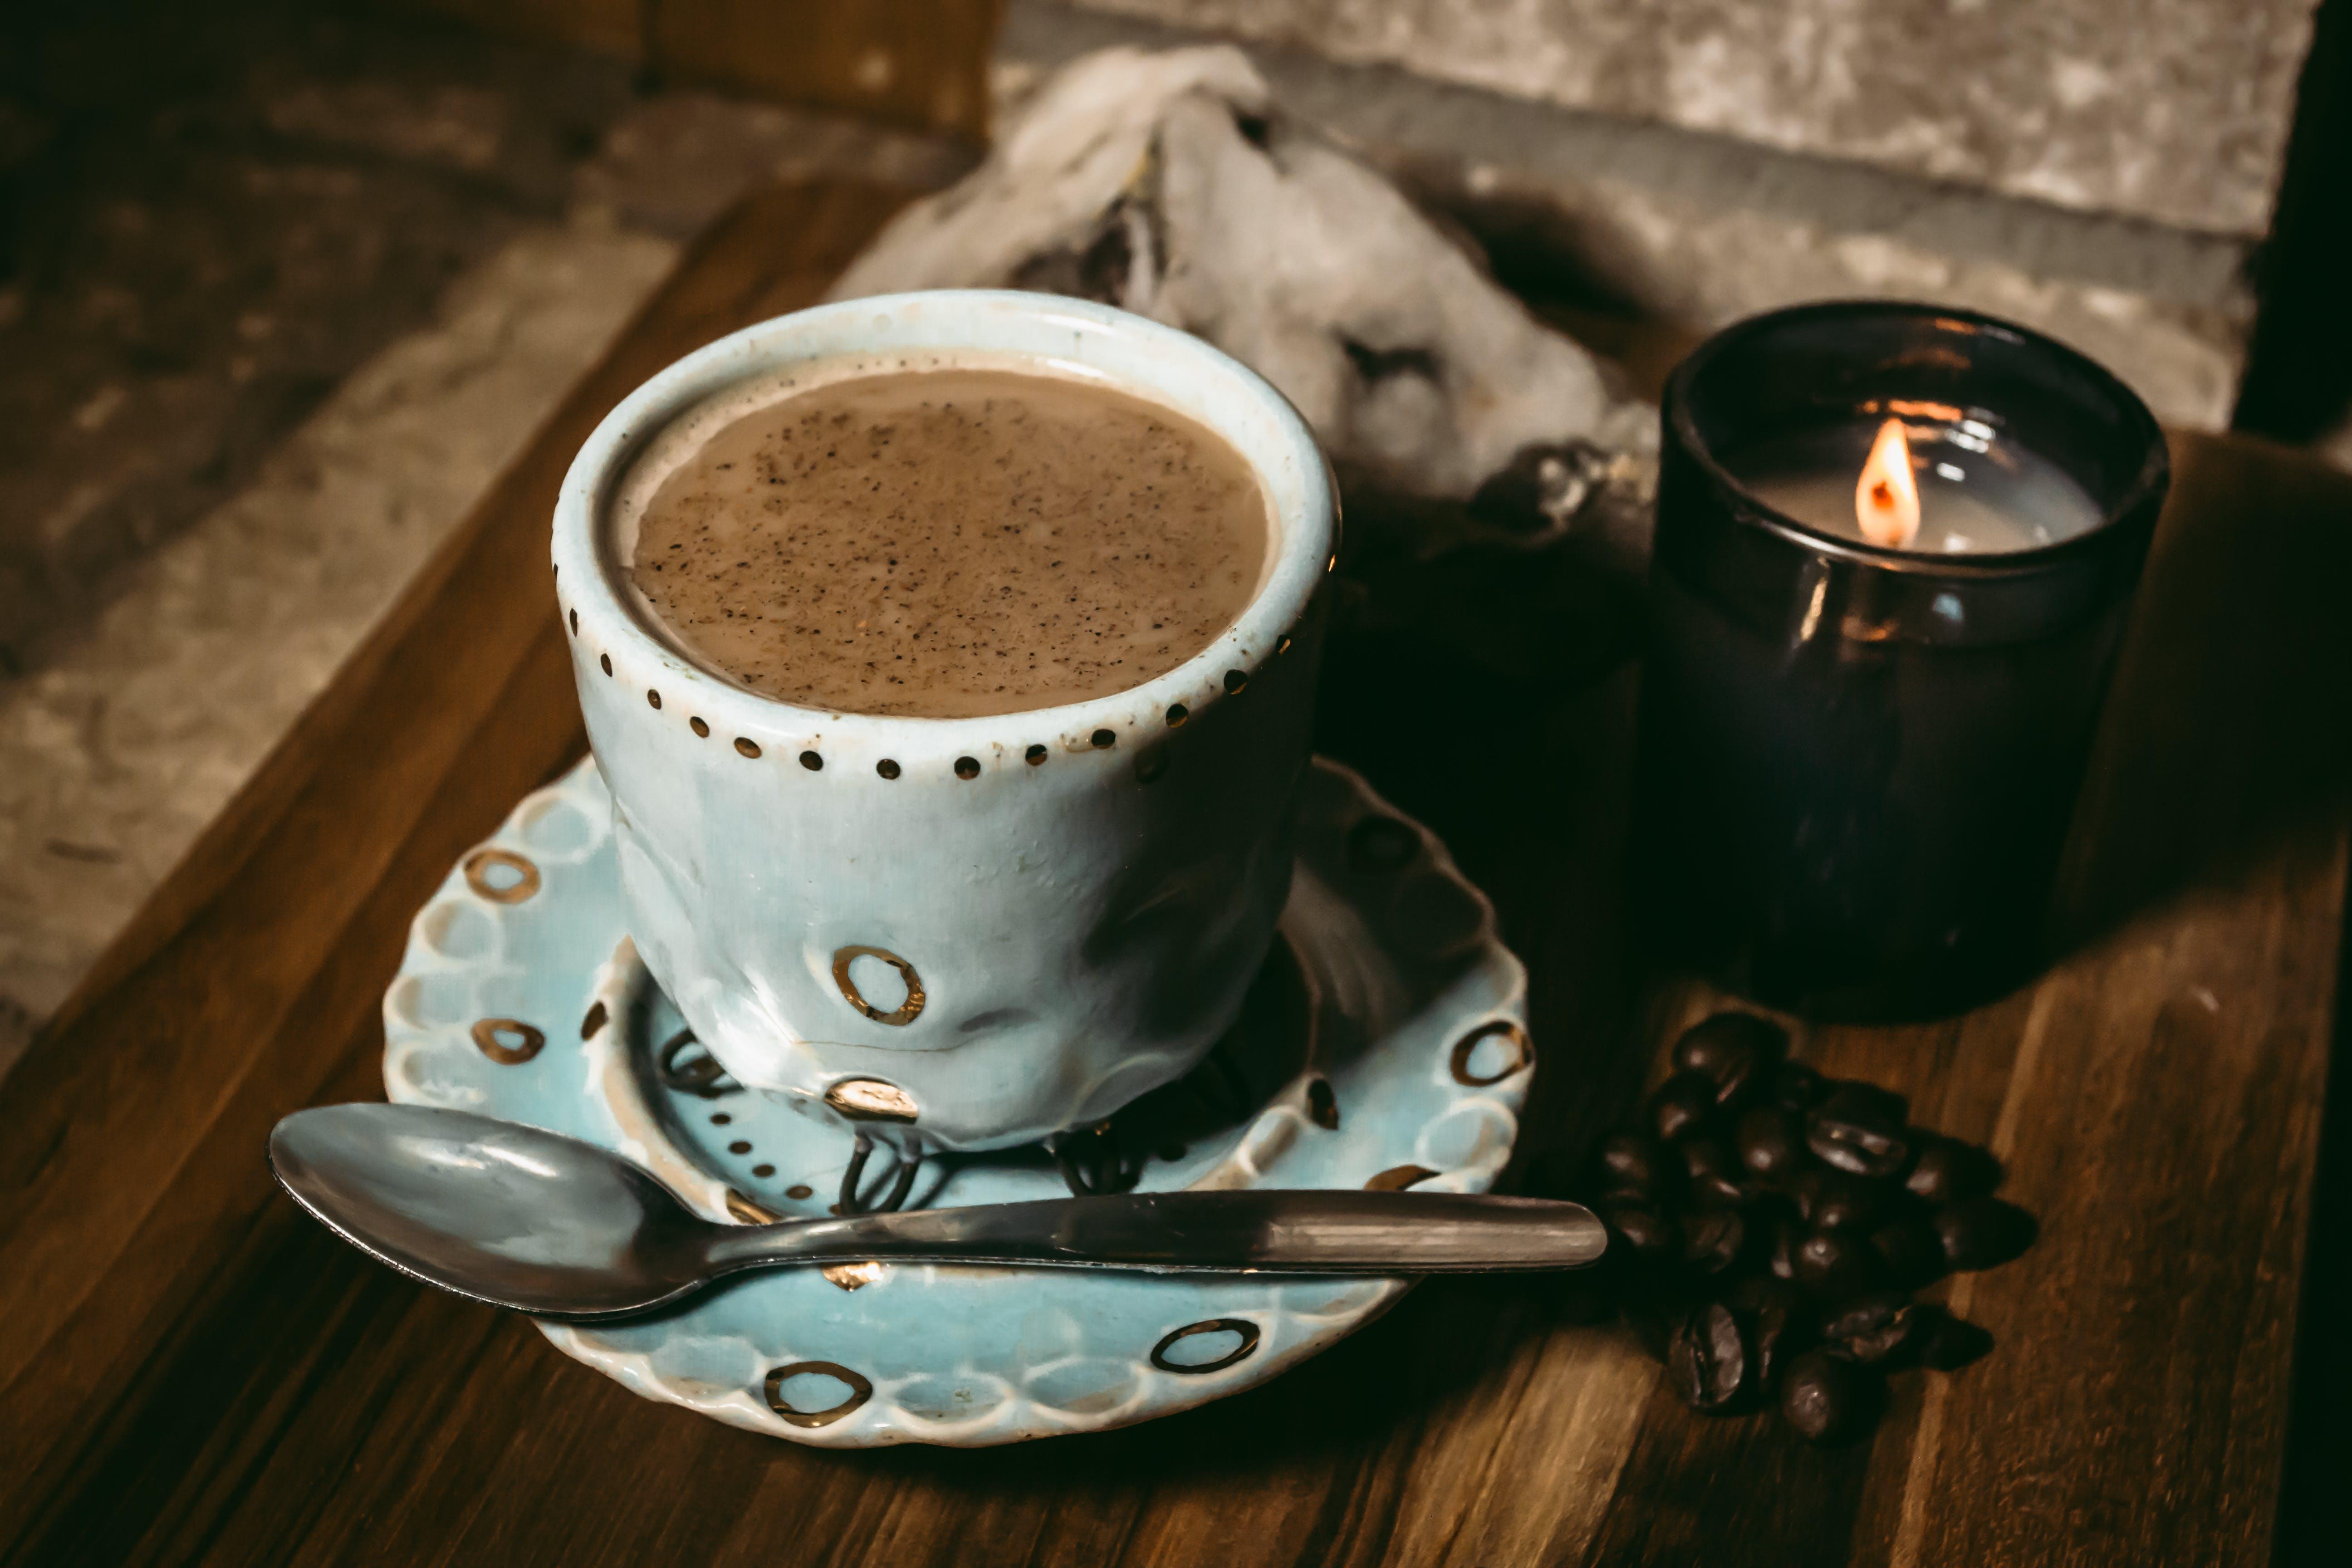 Δωρεάν στοκ φωτογραφιών με αναψυκτικό, ζεστό ρόφημα, καφεΐνη, καφές